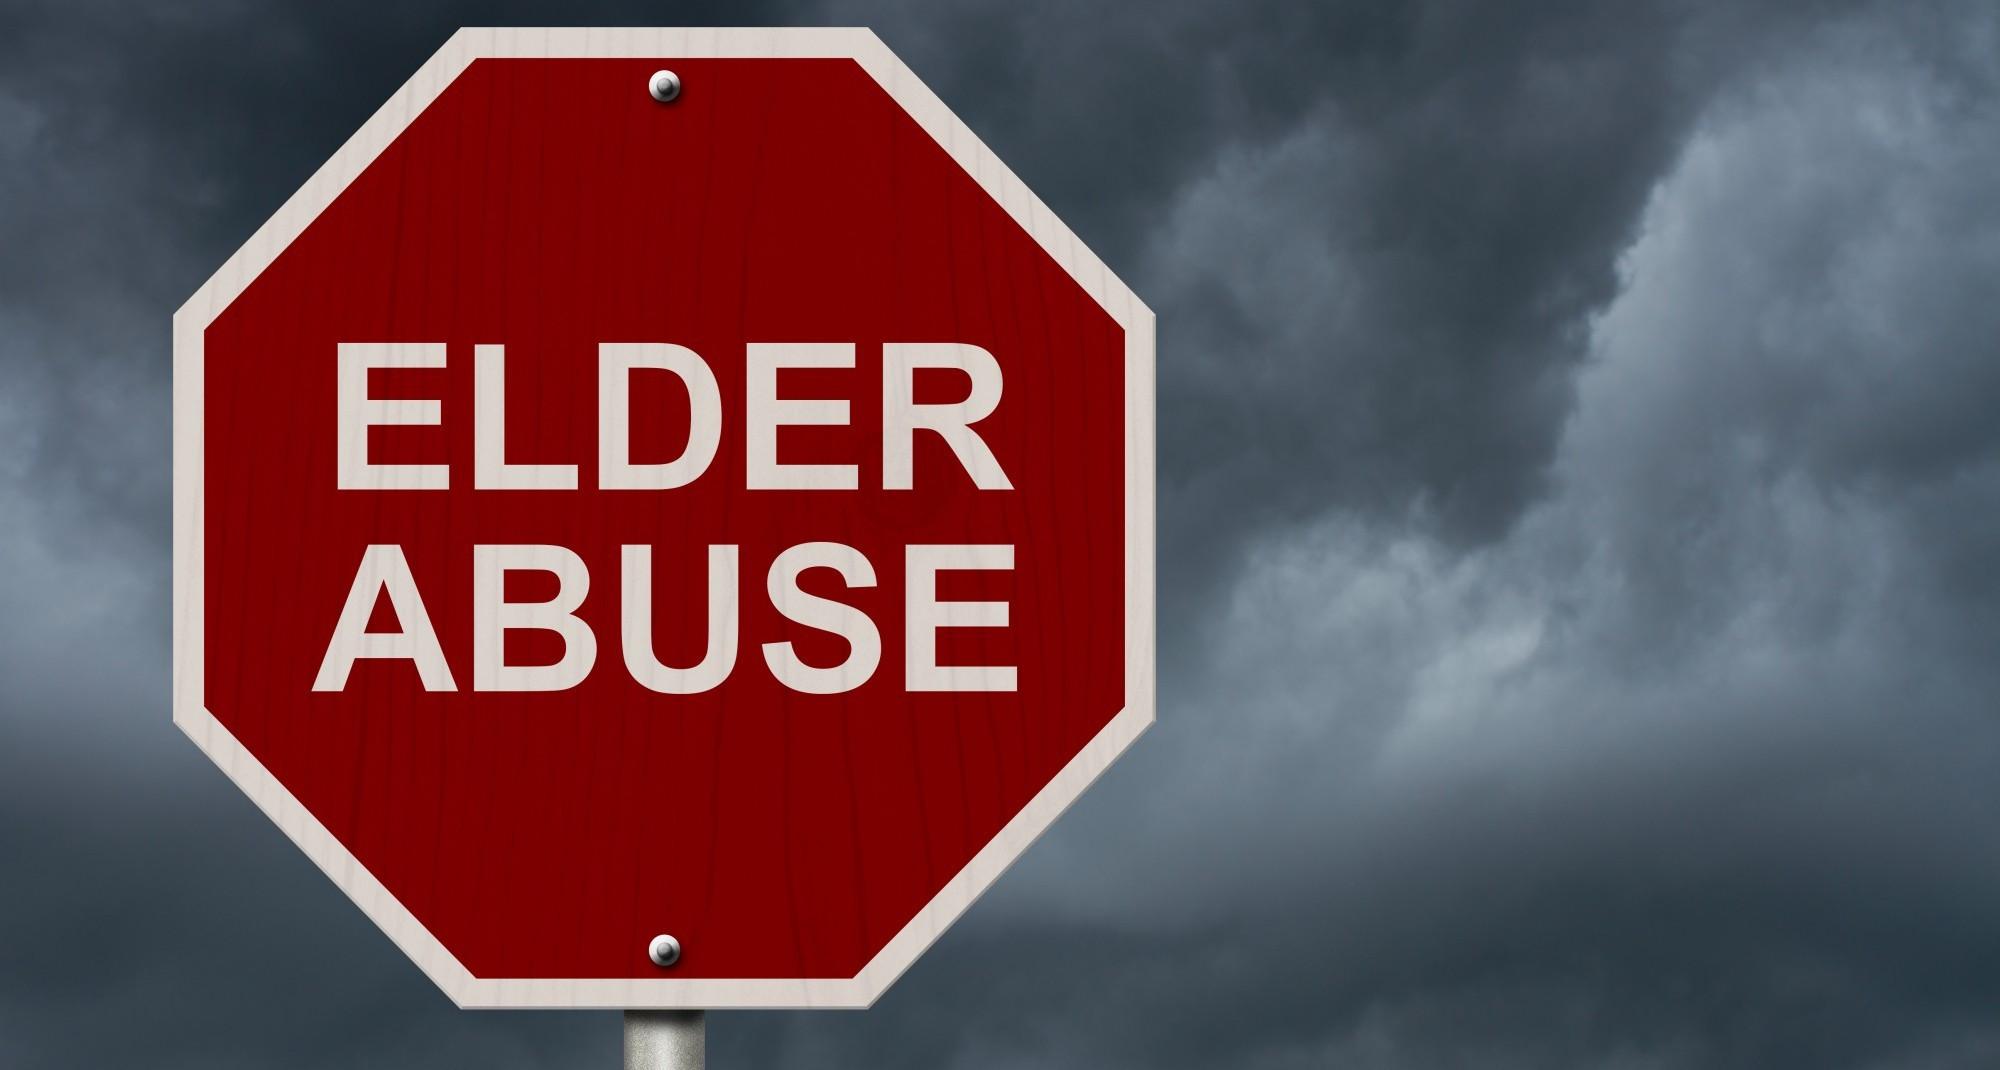 Avoiding Elder Abuse